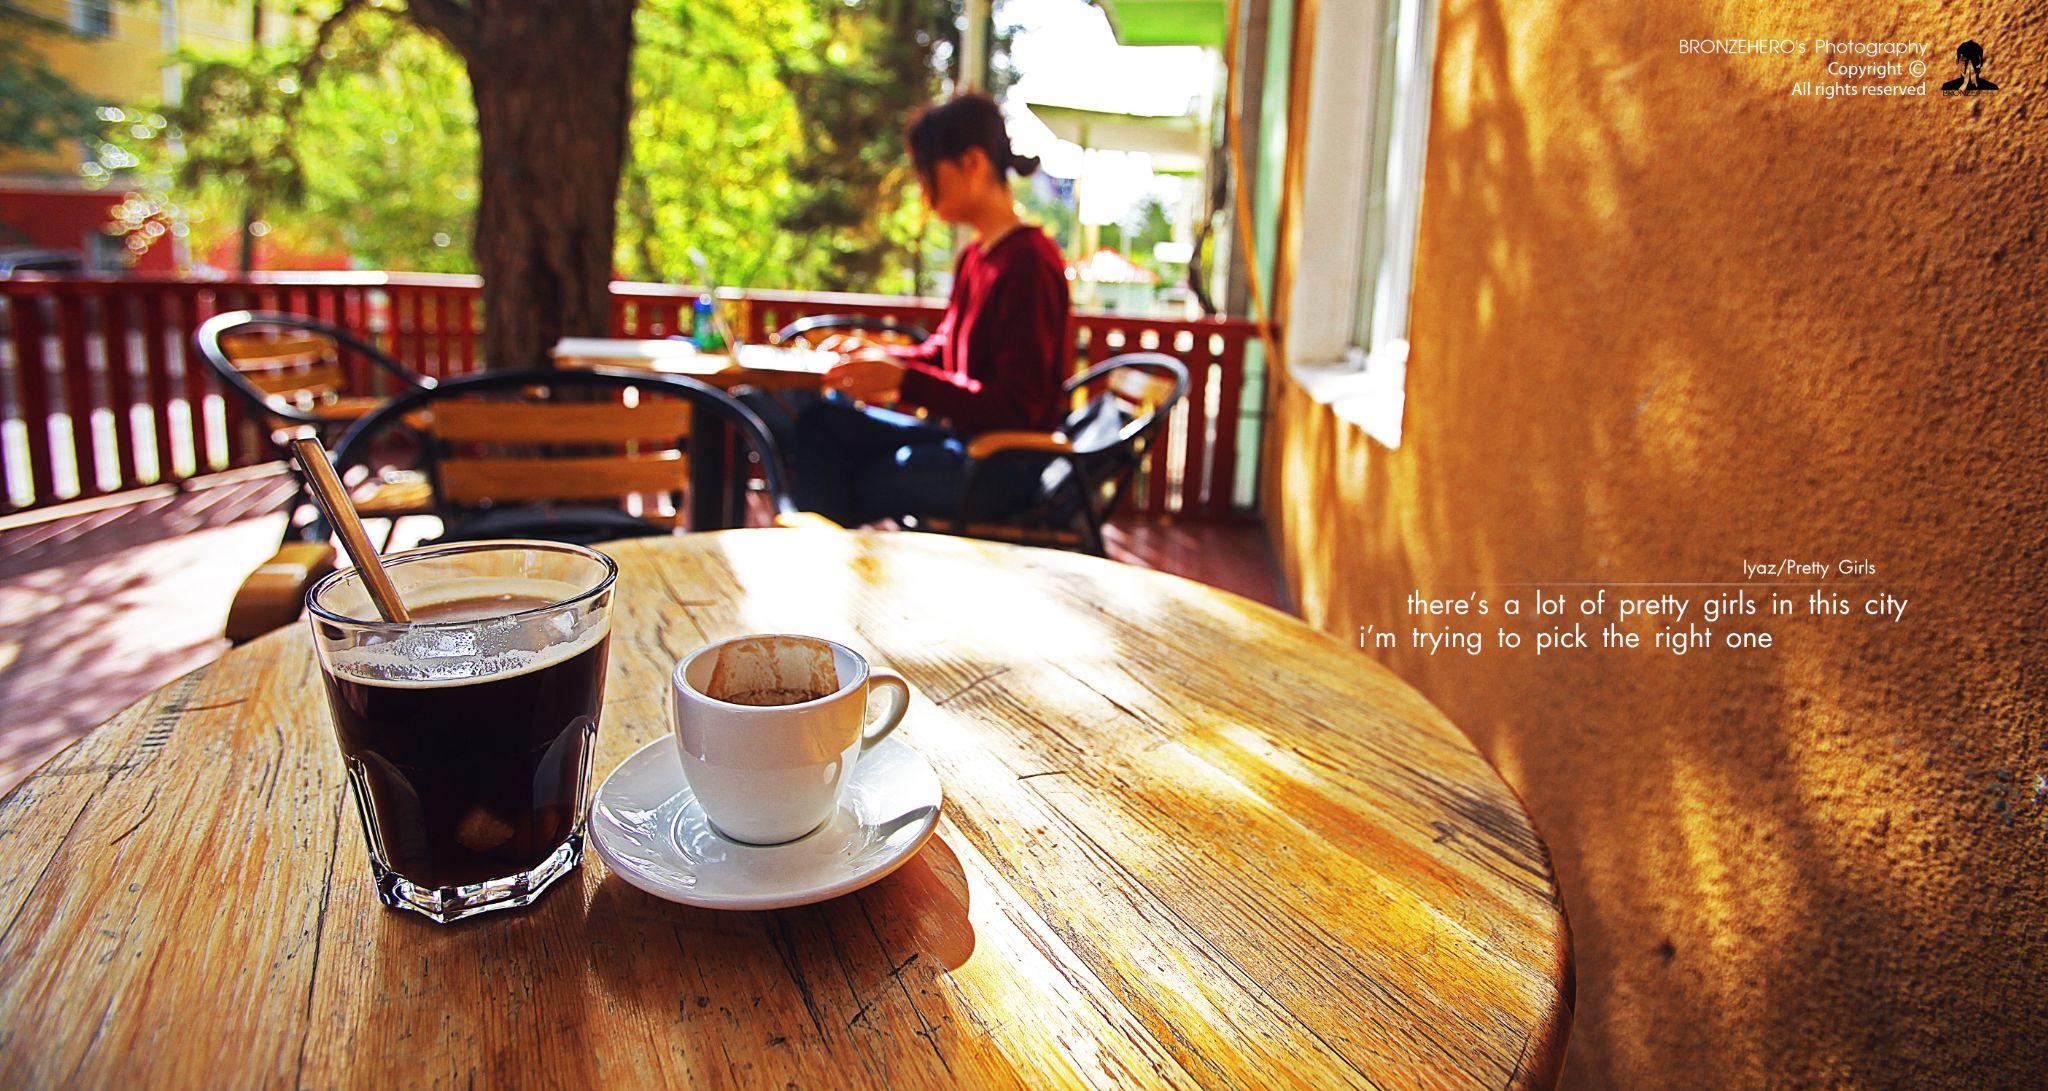 Cafe De Amor by BRONZEHERO